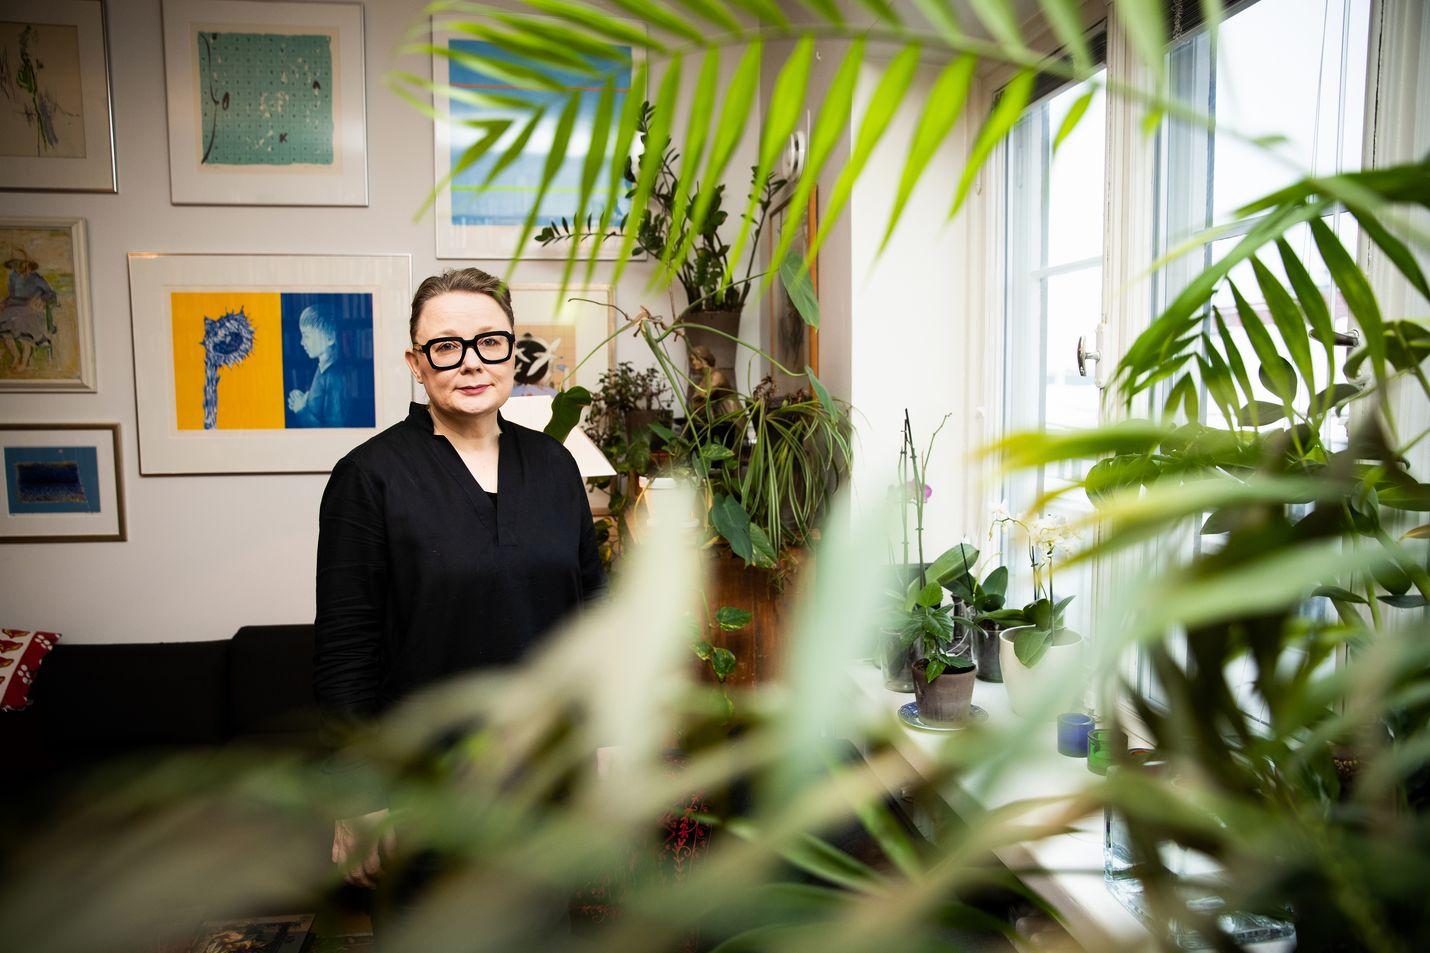 Apulaisprofessori Susanna Välimäki tutkii 1800-luvun suomalaisia naissäveltäjiä. Heitä on enemmän kuin tähän asti on luultu.